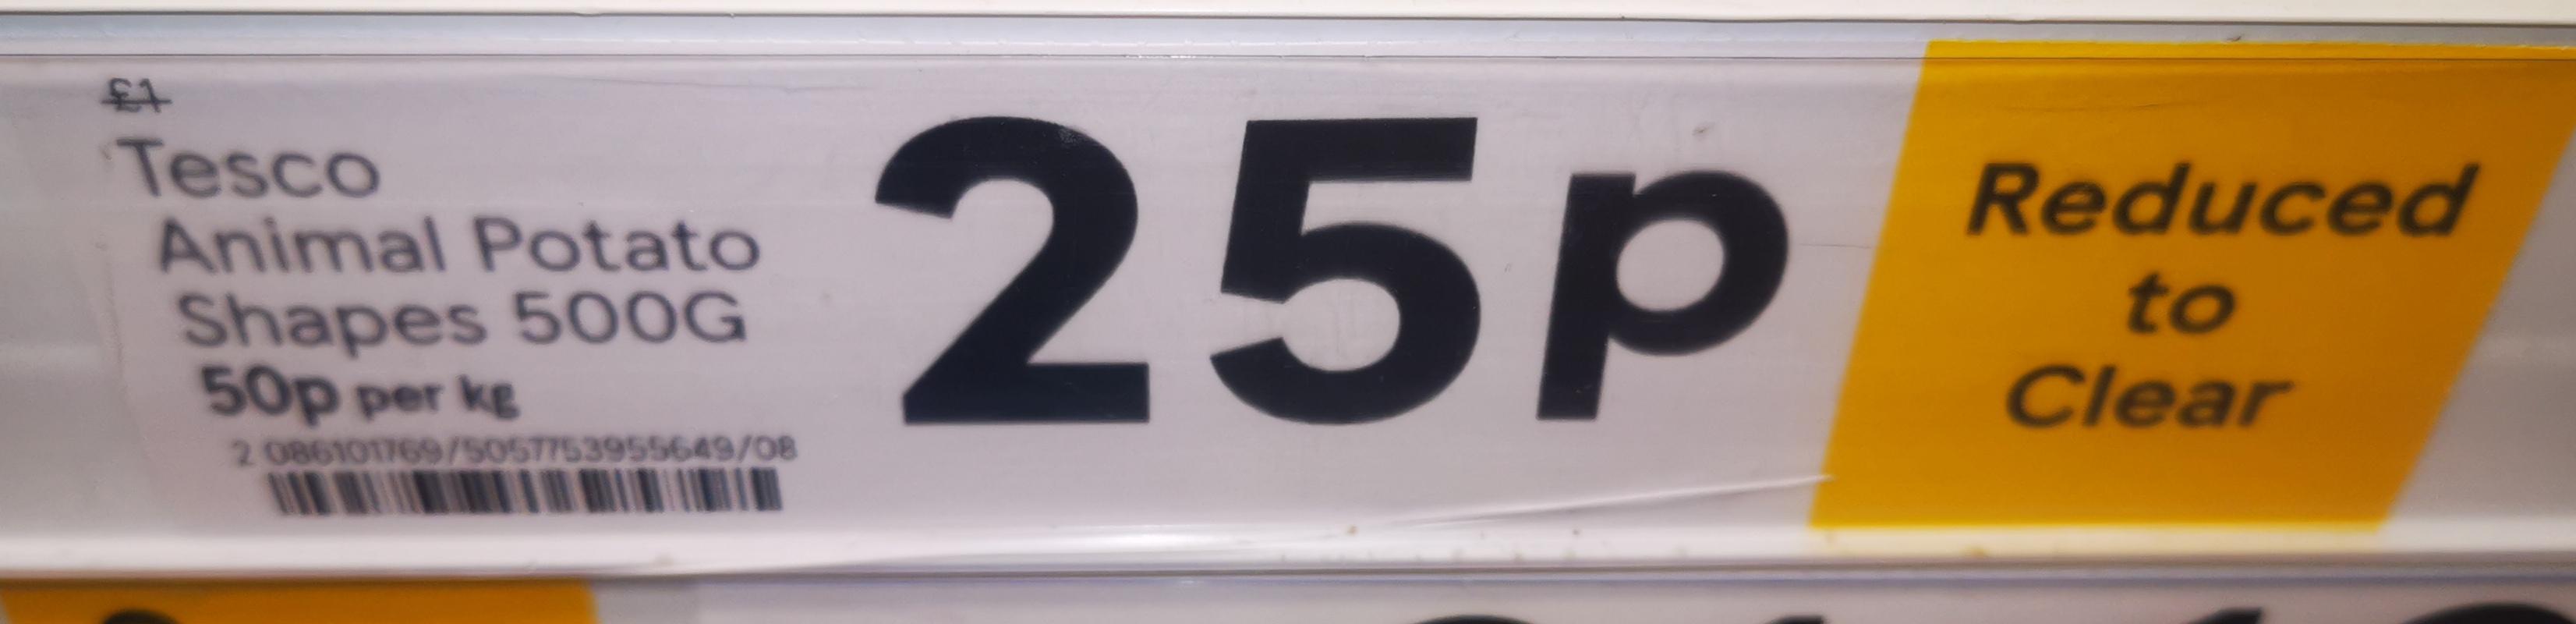 3385207.jpg